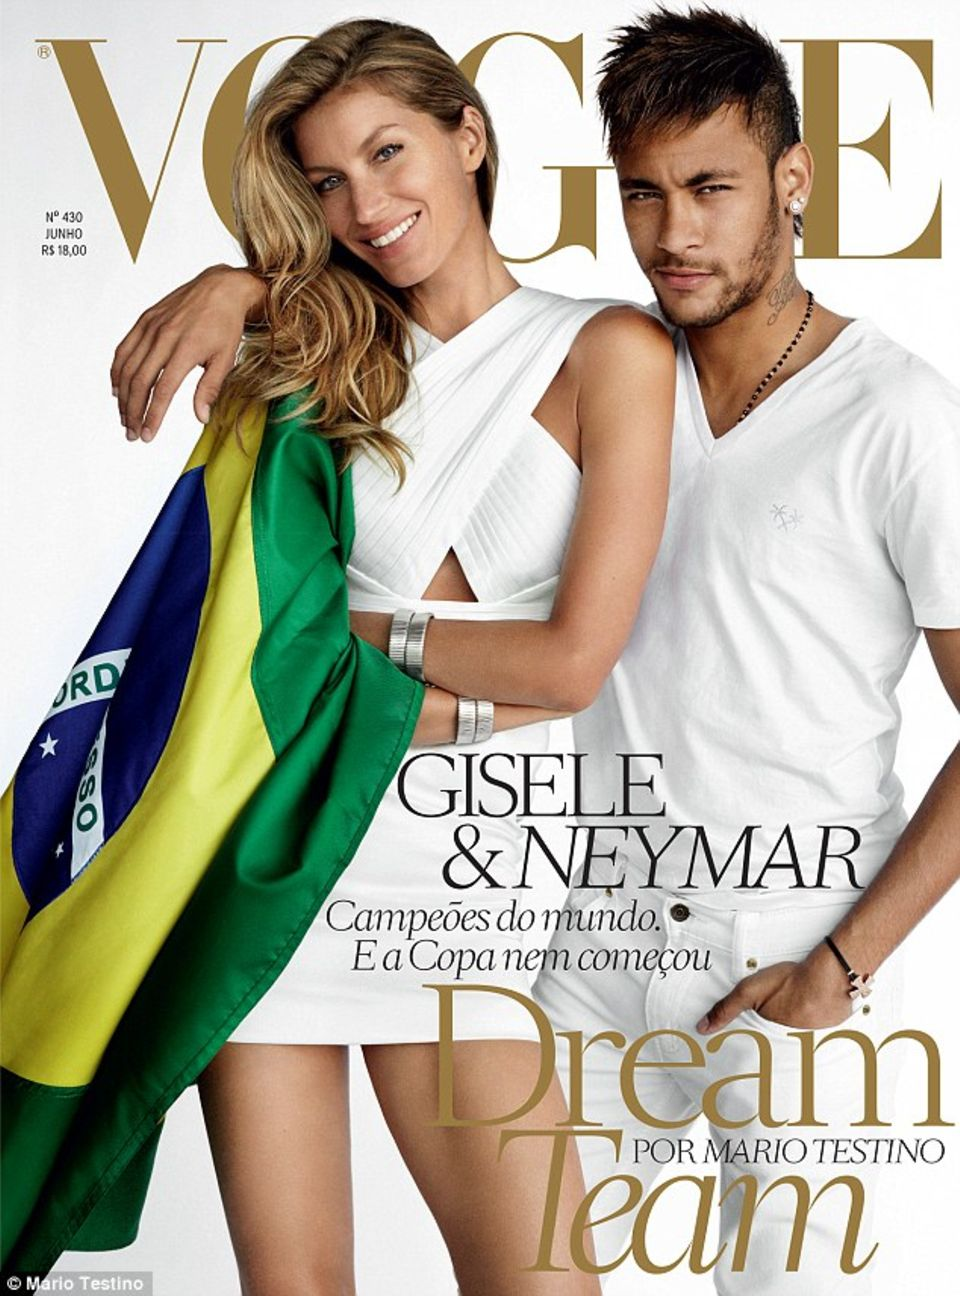 Topmodel Gisele Bündchen und Fußballer Neymar sind die modernen Aushängeschilder Brasiliens. Für die WM in ihrem Heimatland werben sie auch bei einem Vogue-Covershooting.